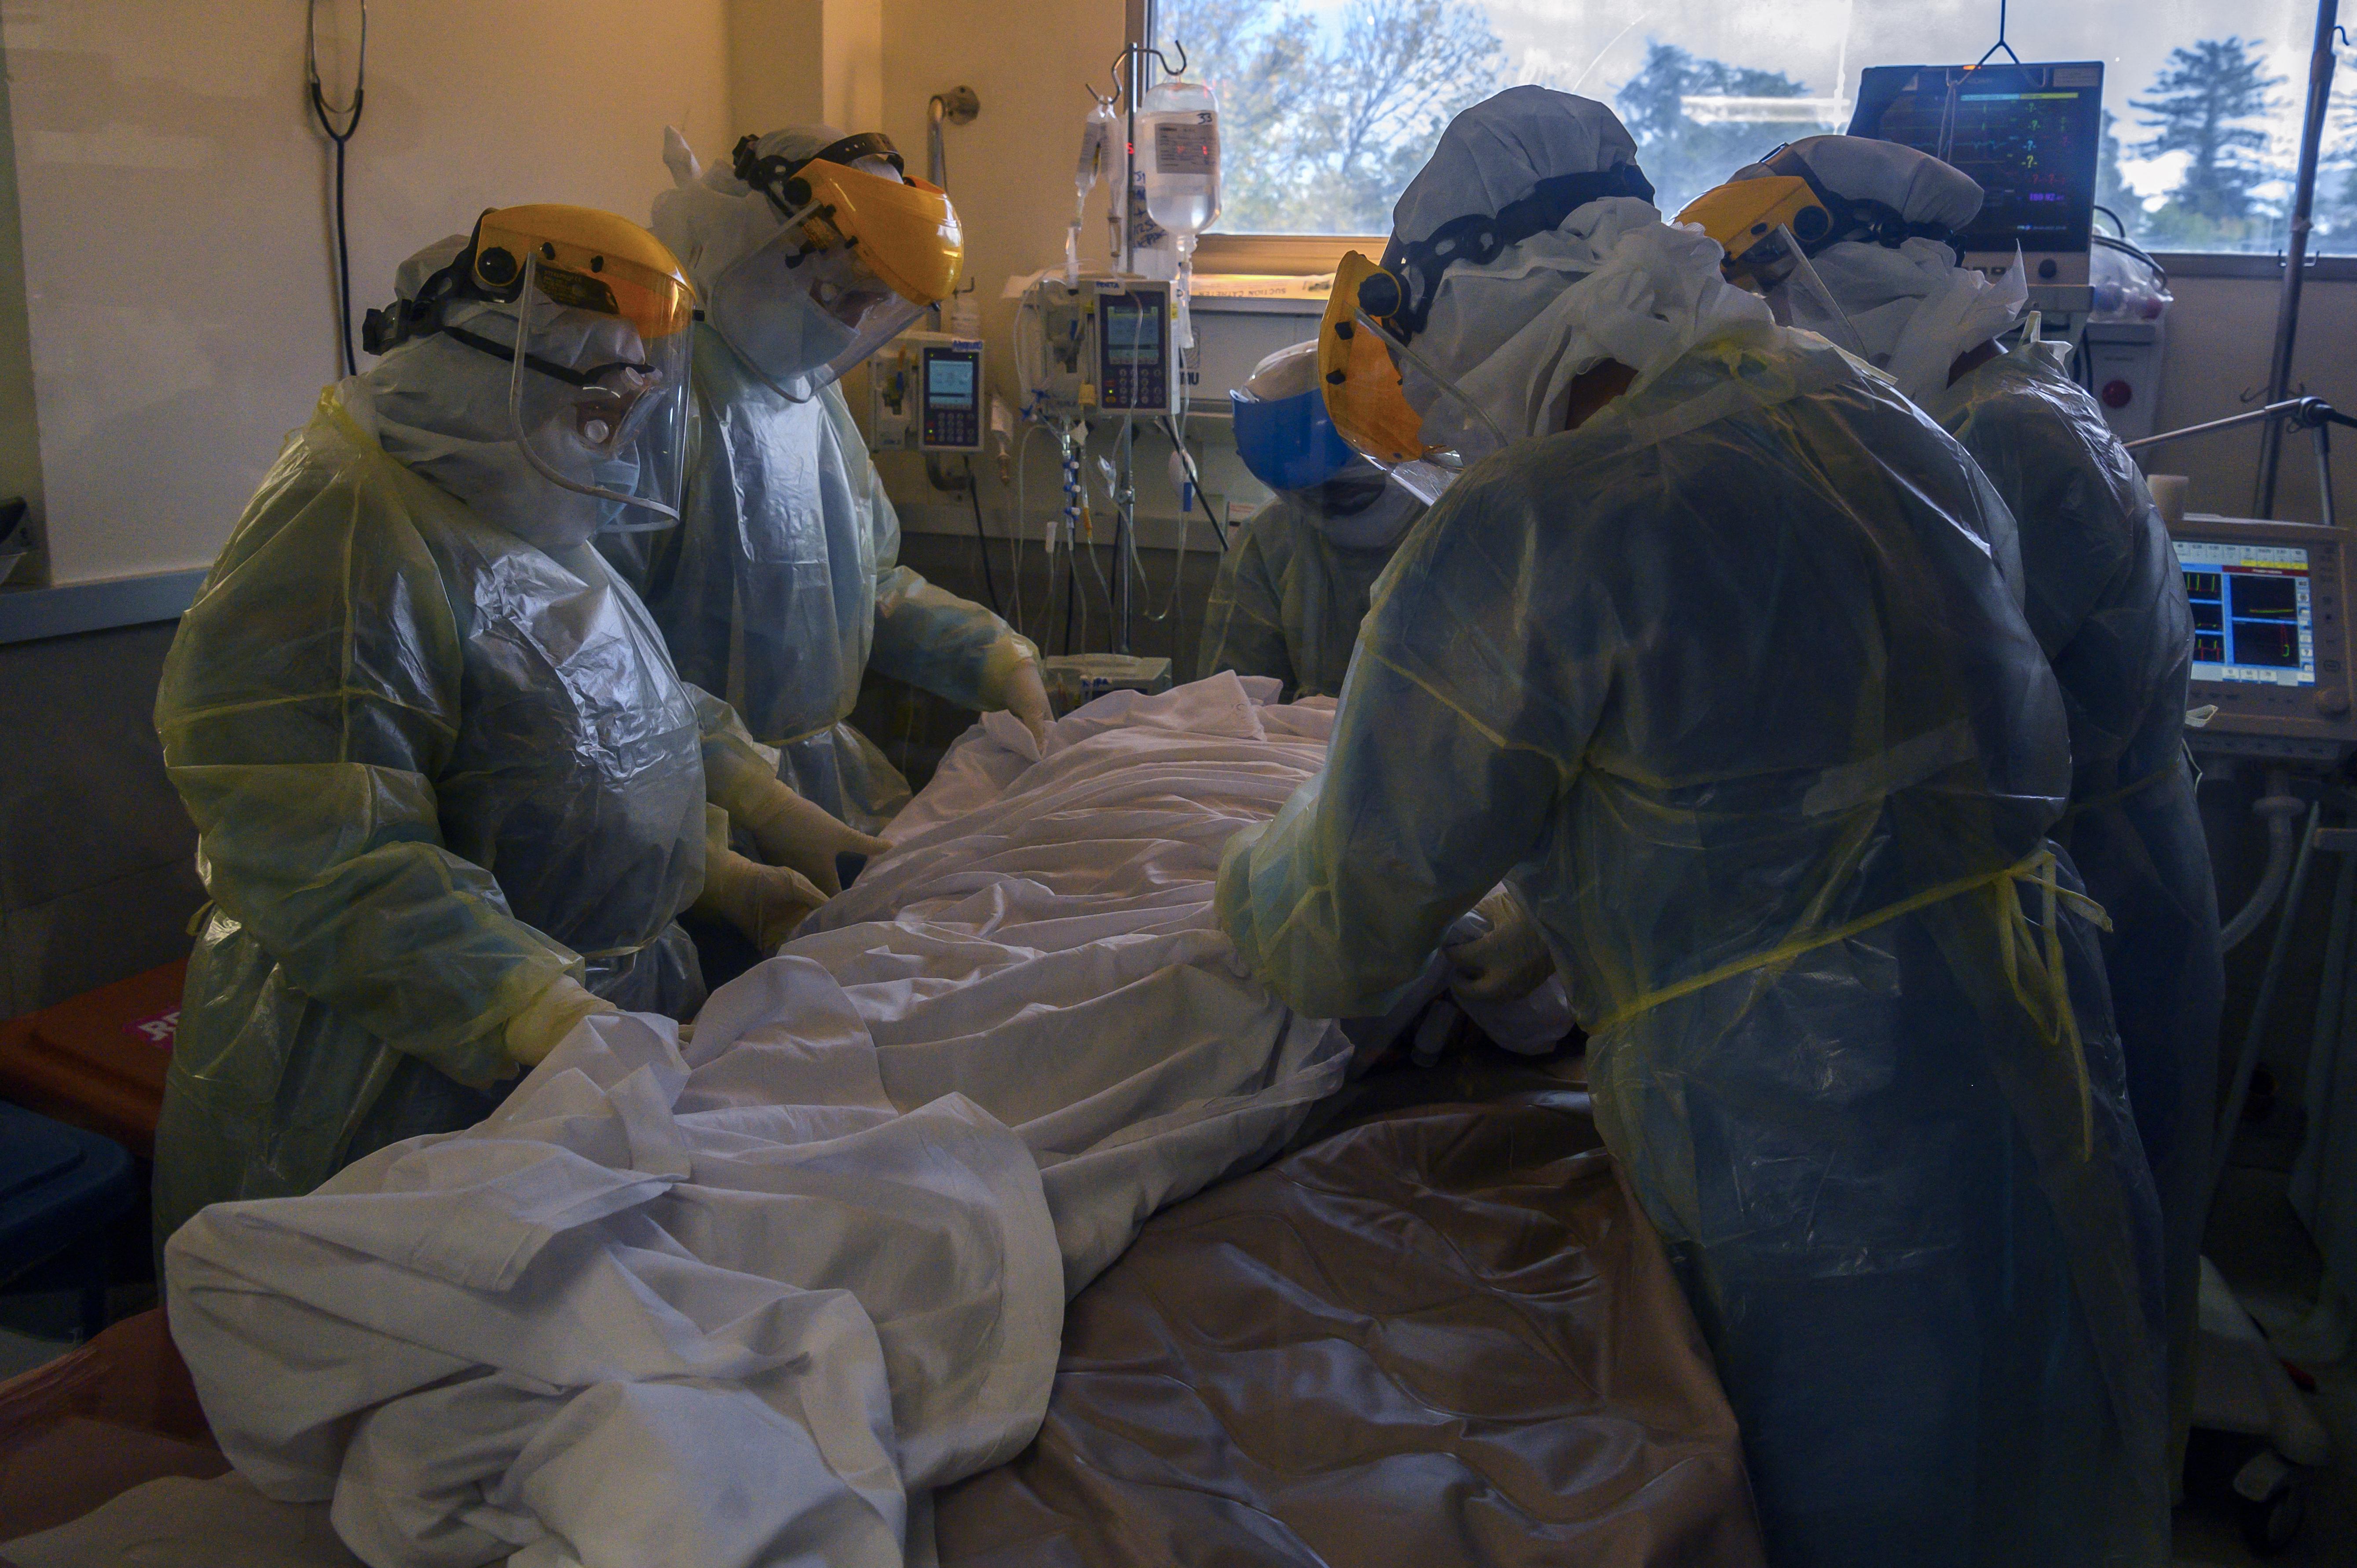 (De acordo com os números oficiais, a pandemia provocou mais de 3,45 milhões de vítimas fatais em todo o mundo. Foto: Pablo PORCIUNCULA / AFP)